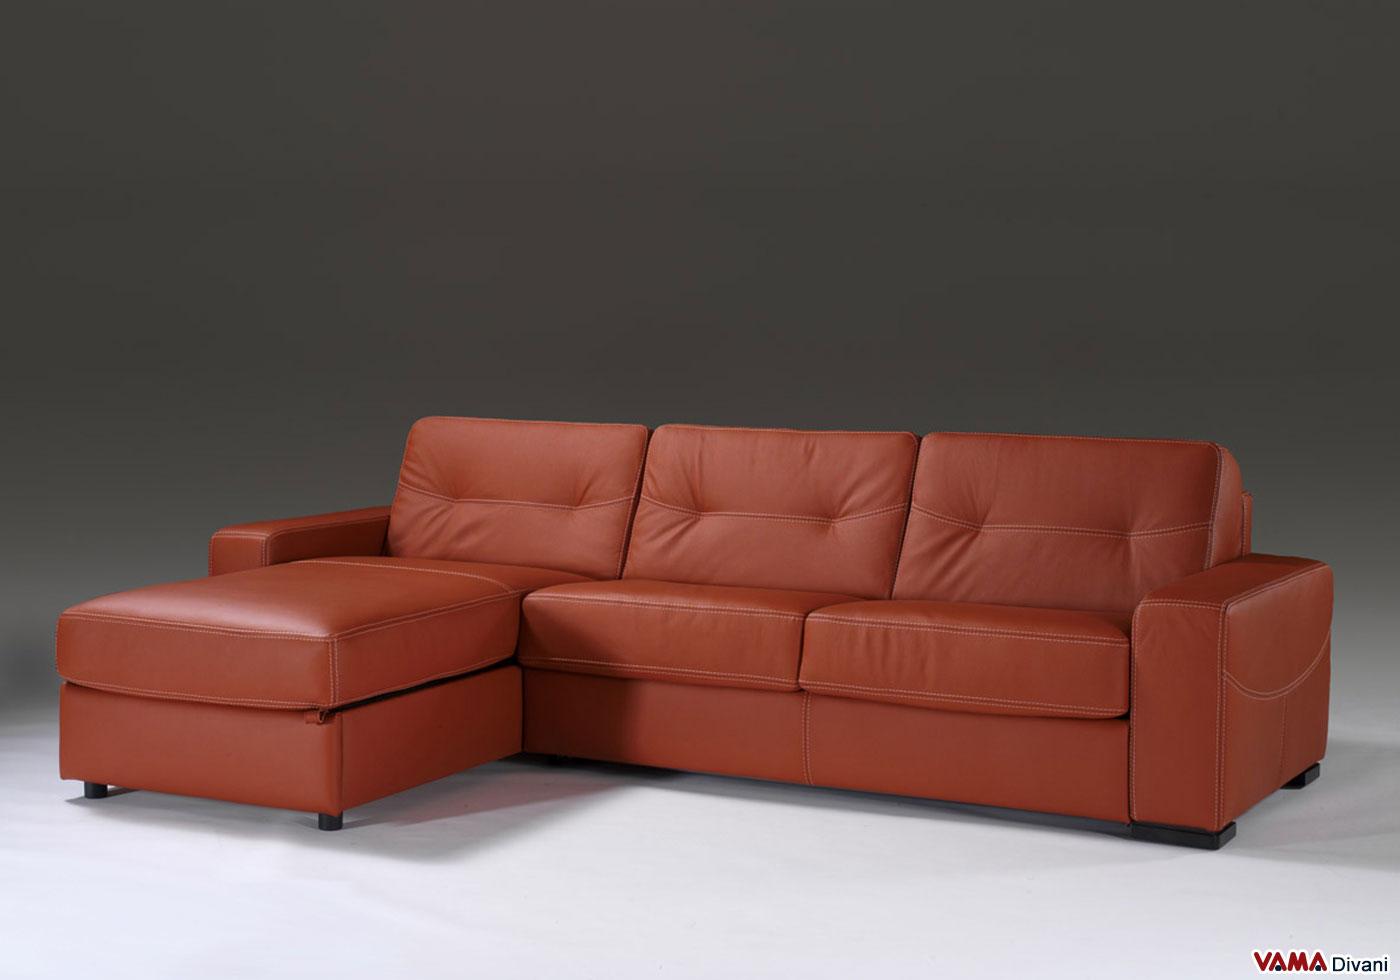 Divano letto con penisola contenitore vama divani for Divano a isola